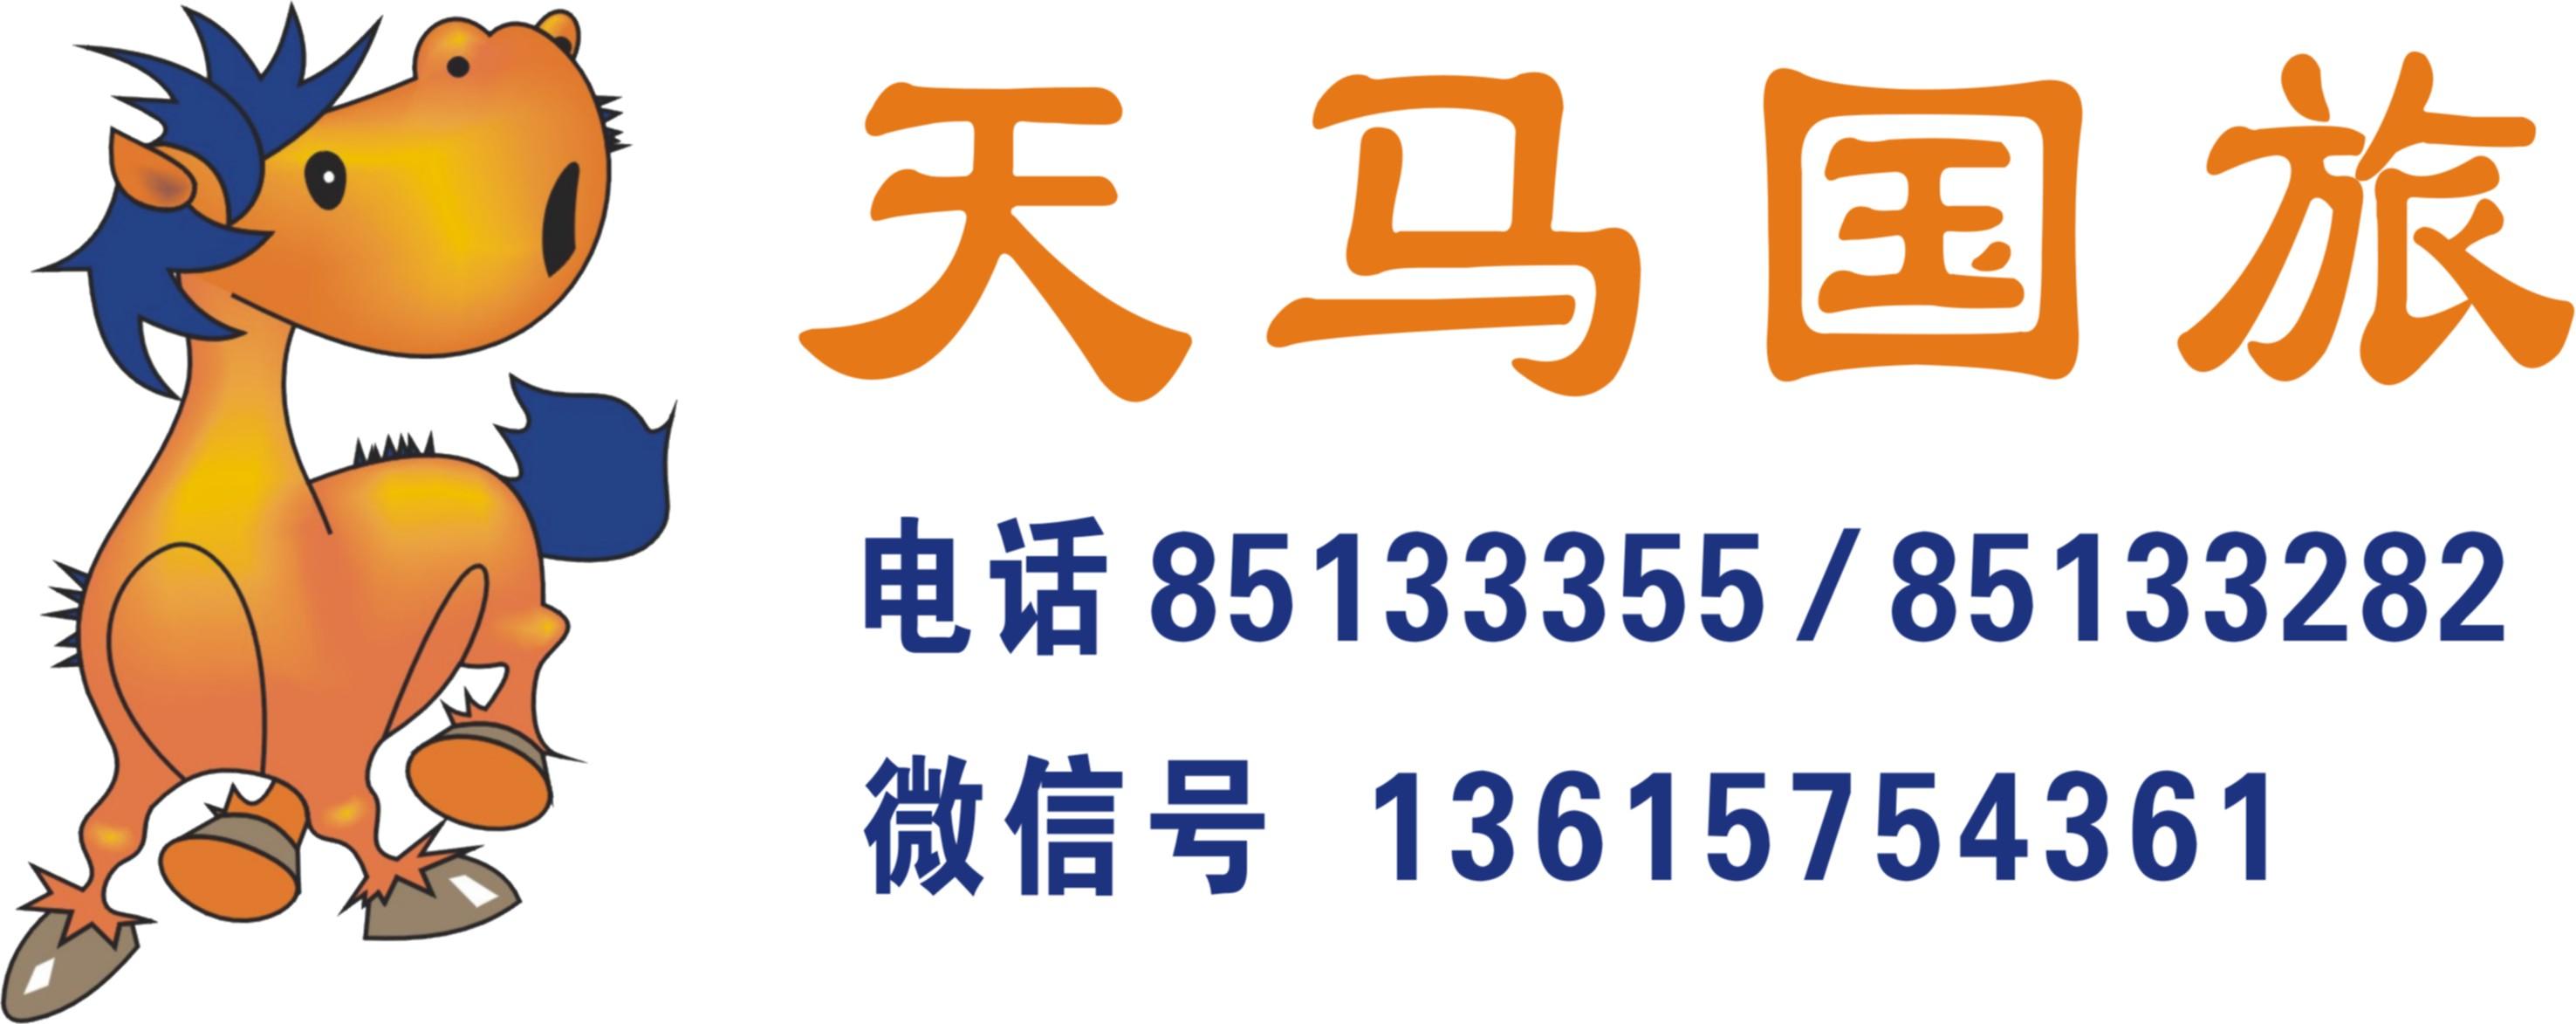 3月【西双版纳忆青春双飞5日】浙江独立班、老年人专线